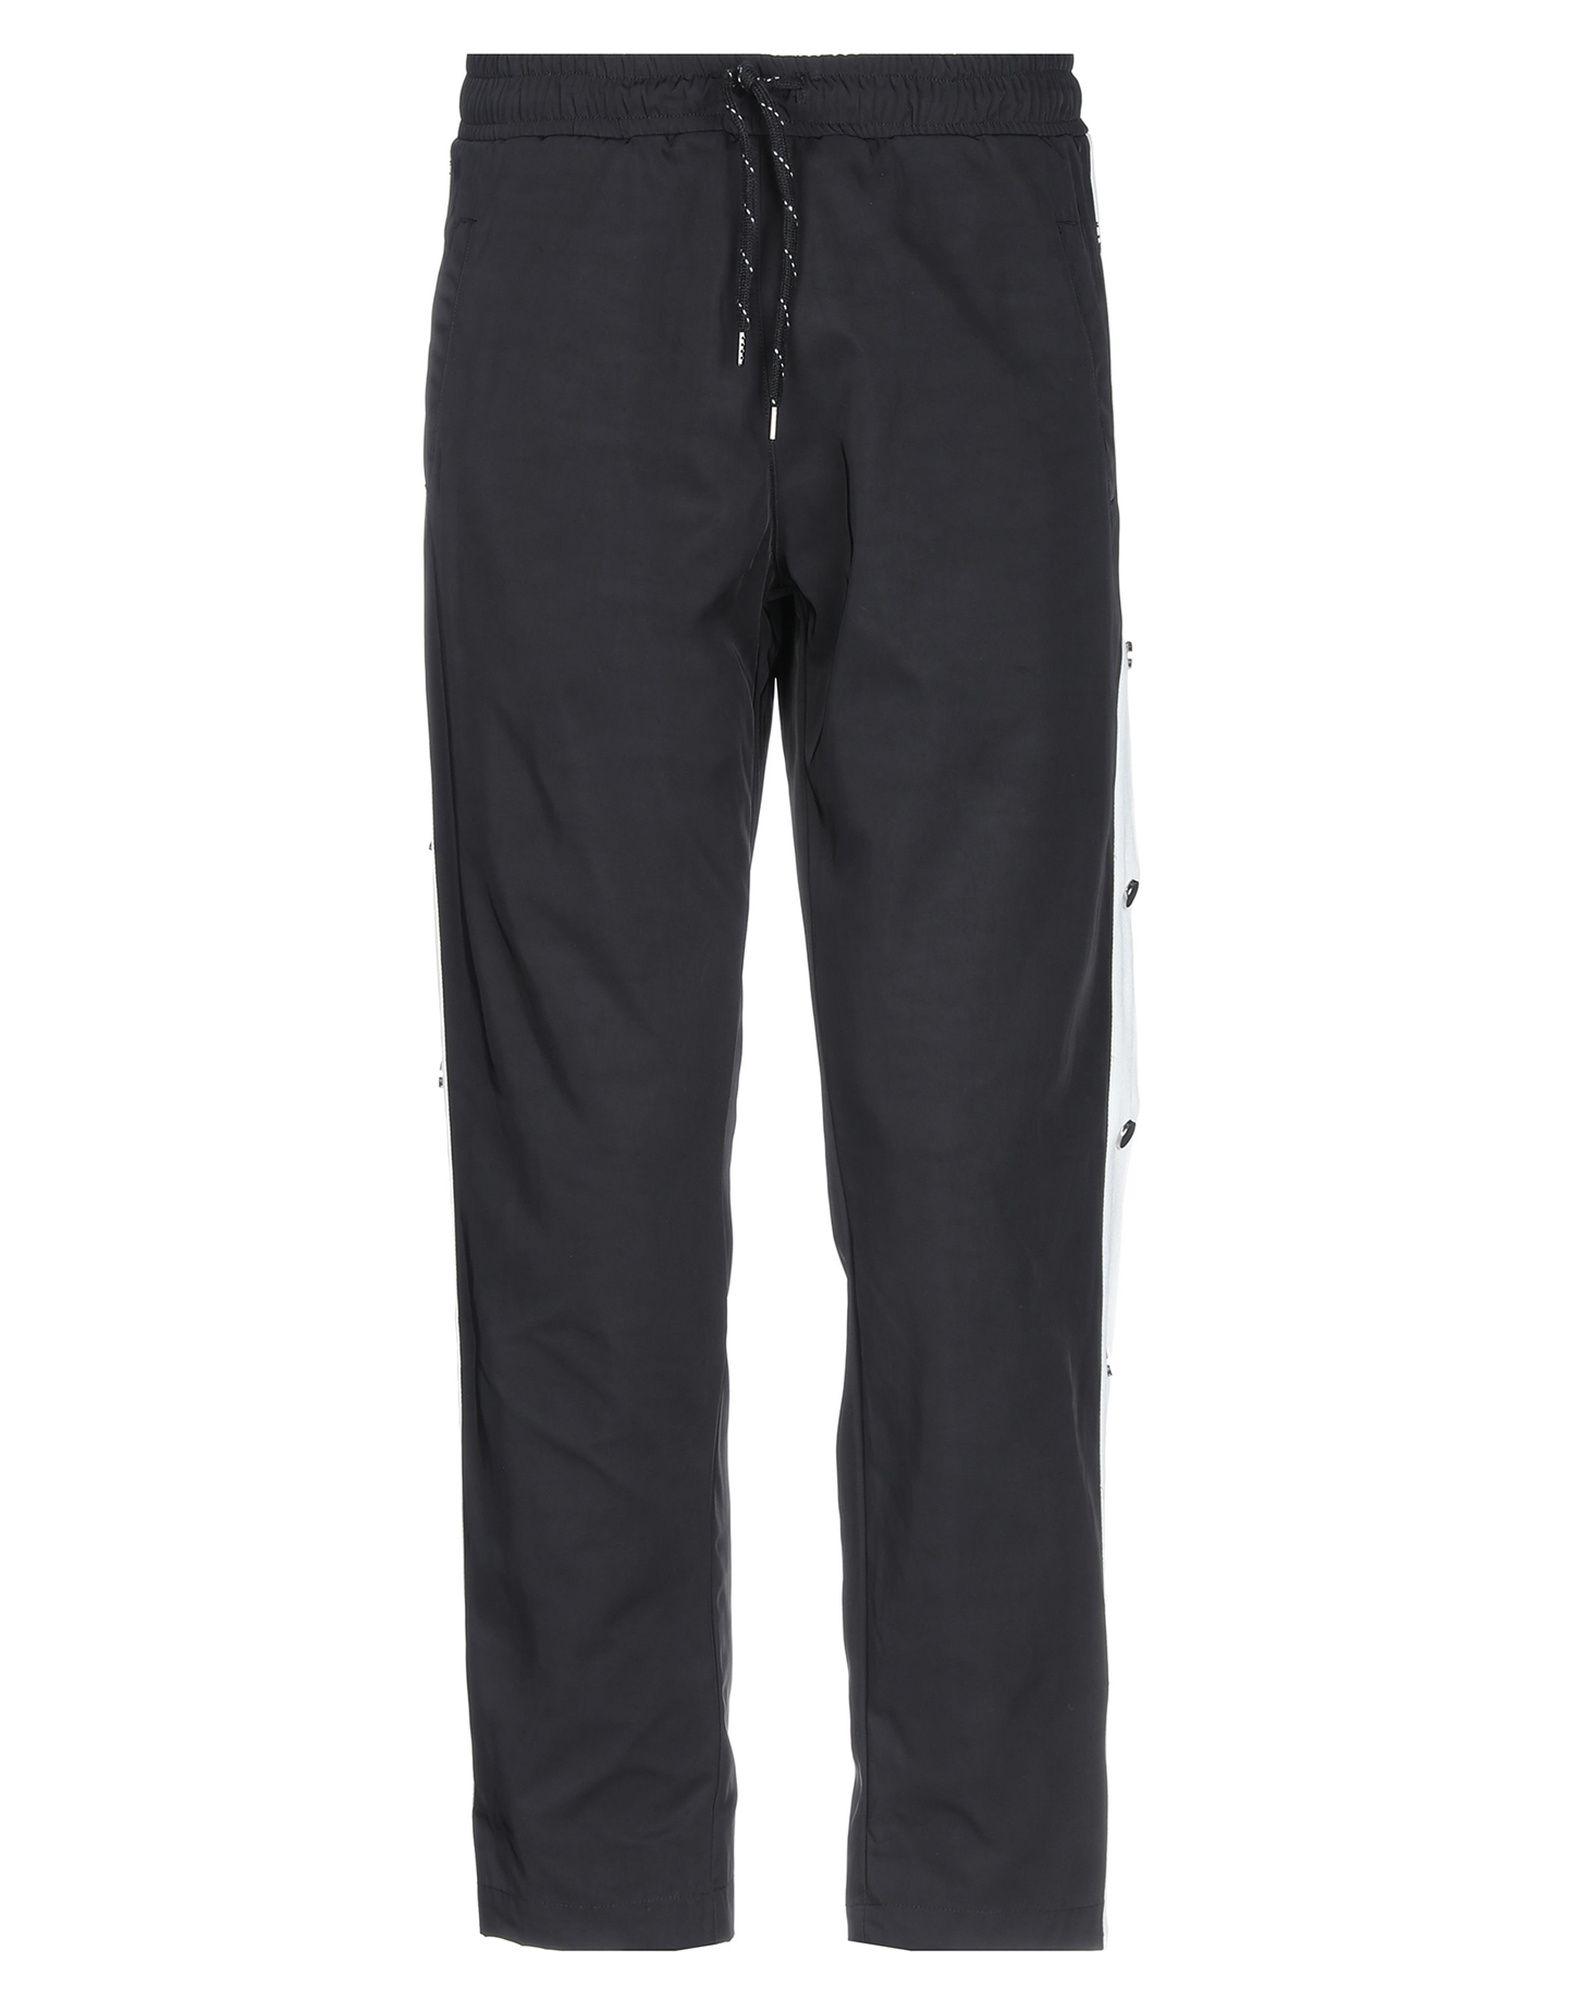 《セール開催中》ANDREA CREWS メンズ パンツ ブラック S ナイロン 100%